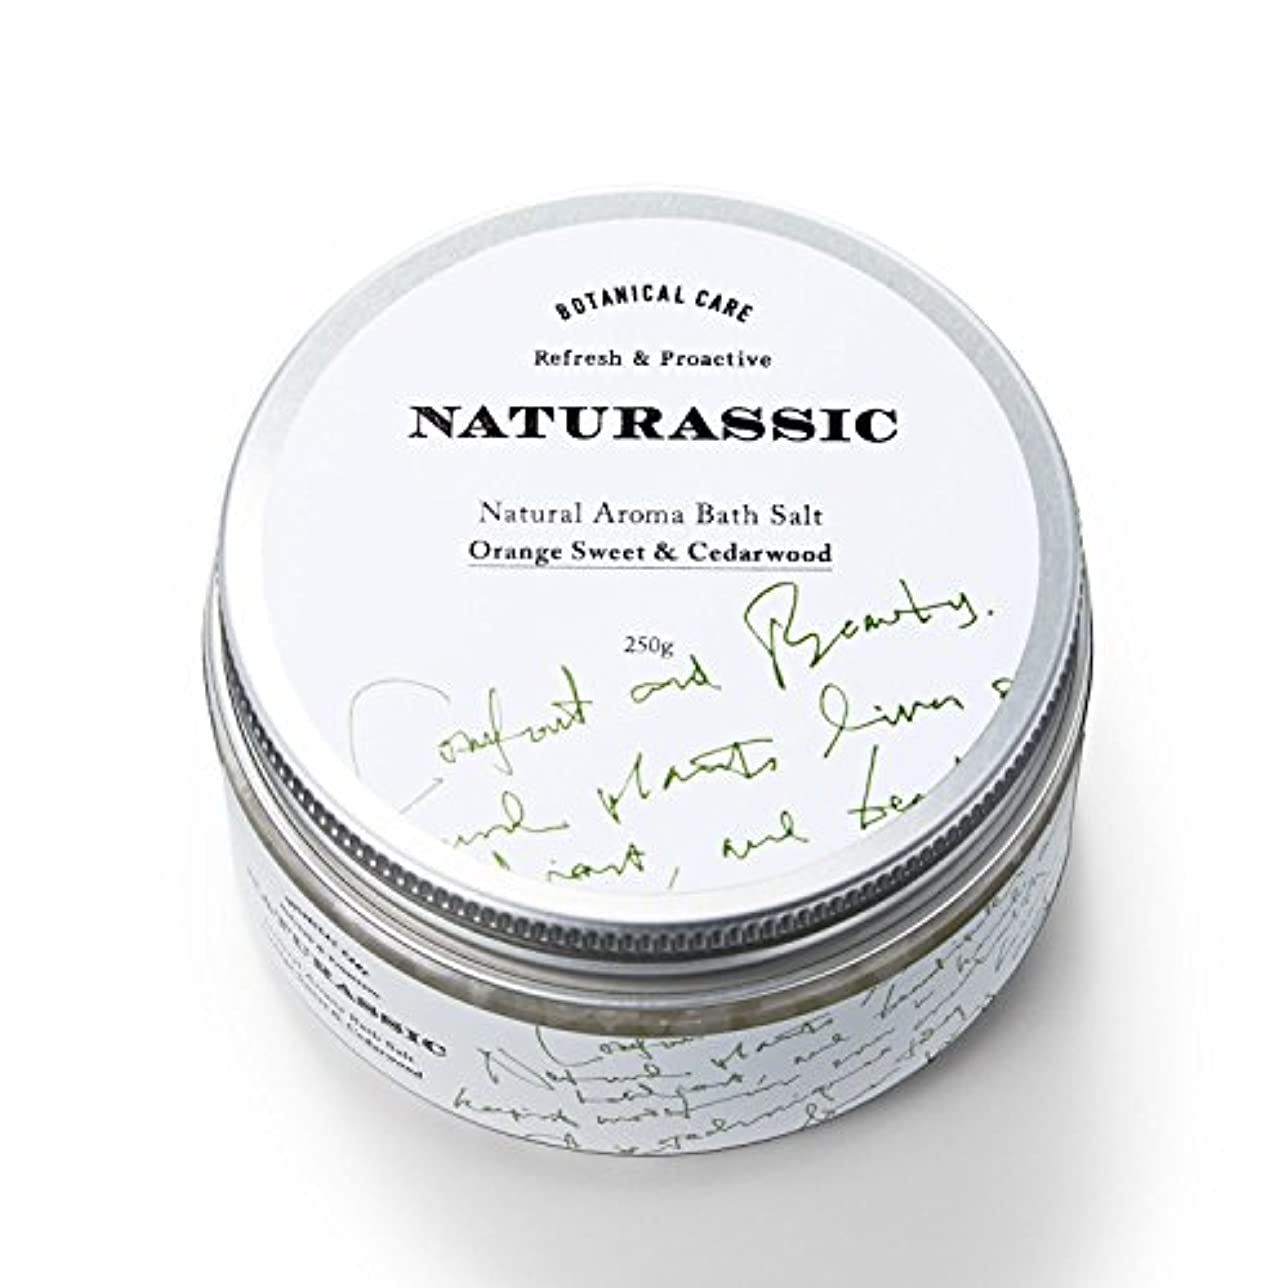 国際デザートアトラスナチュラシック ナチュラルアロマバスソルトOC オレンジスイート&シダーウッドの香り 250g [天然由来成分100%]